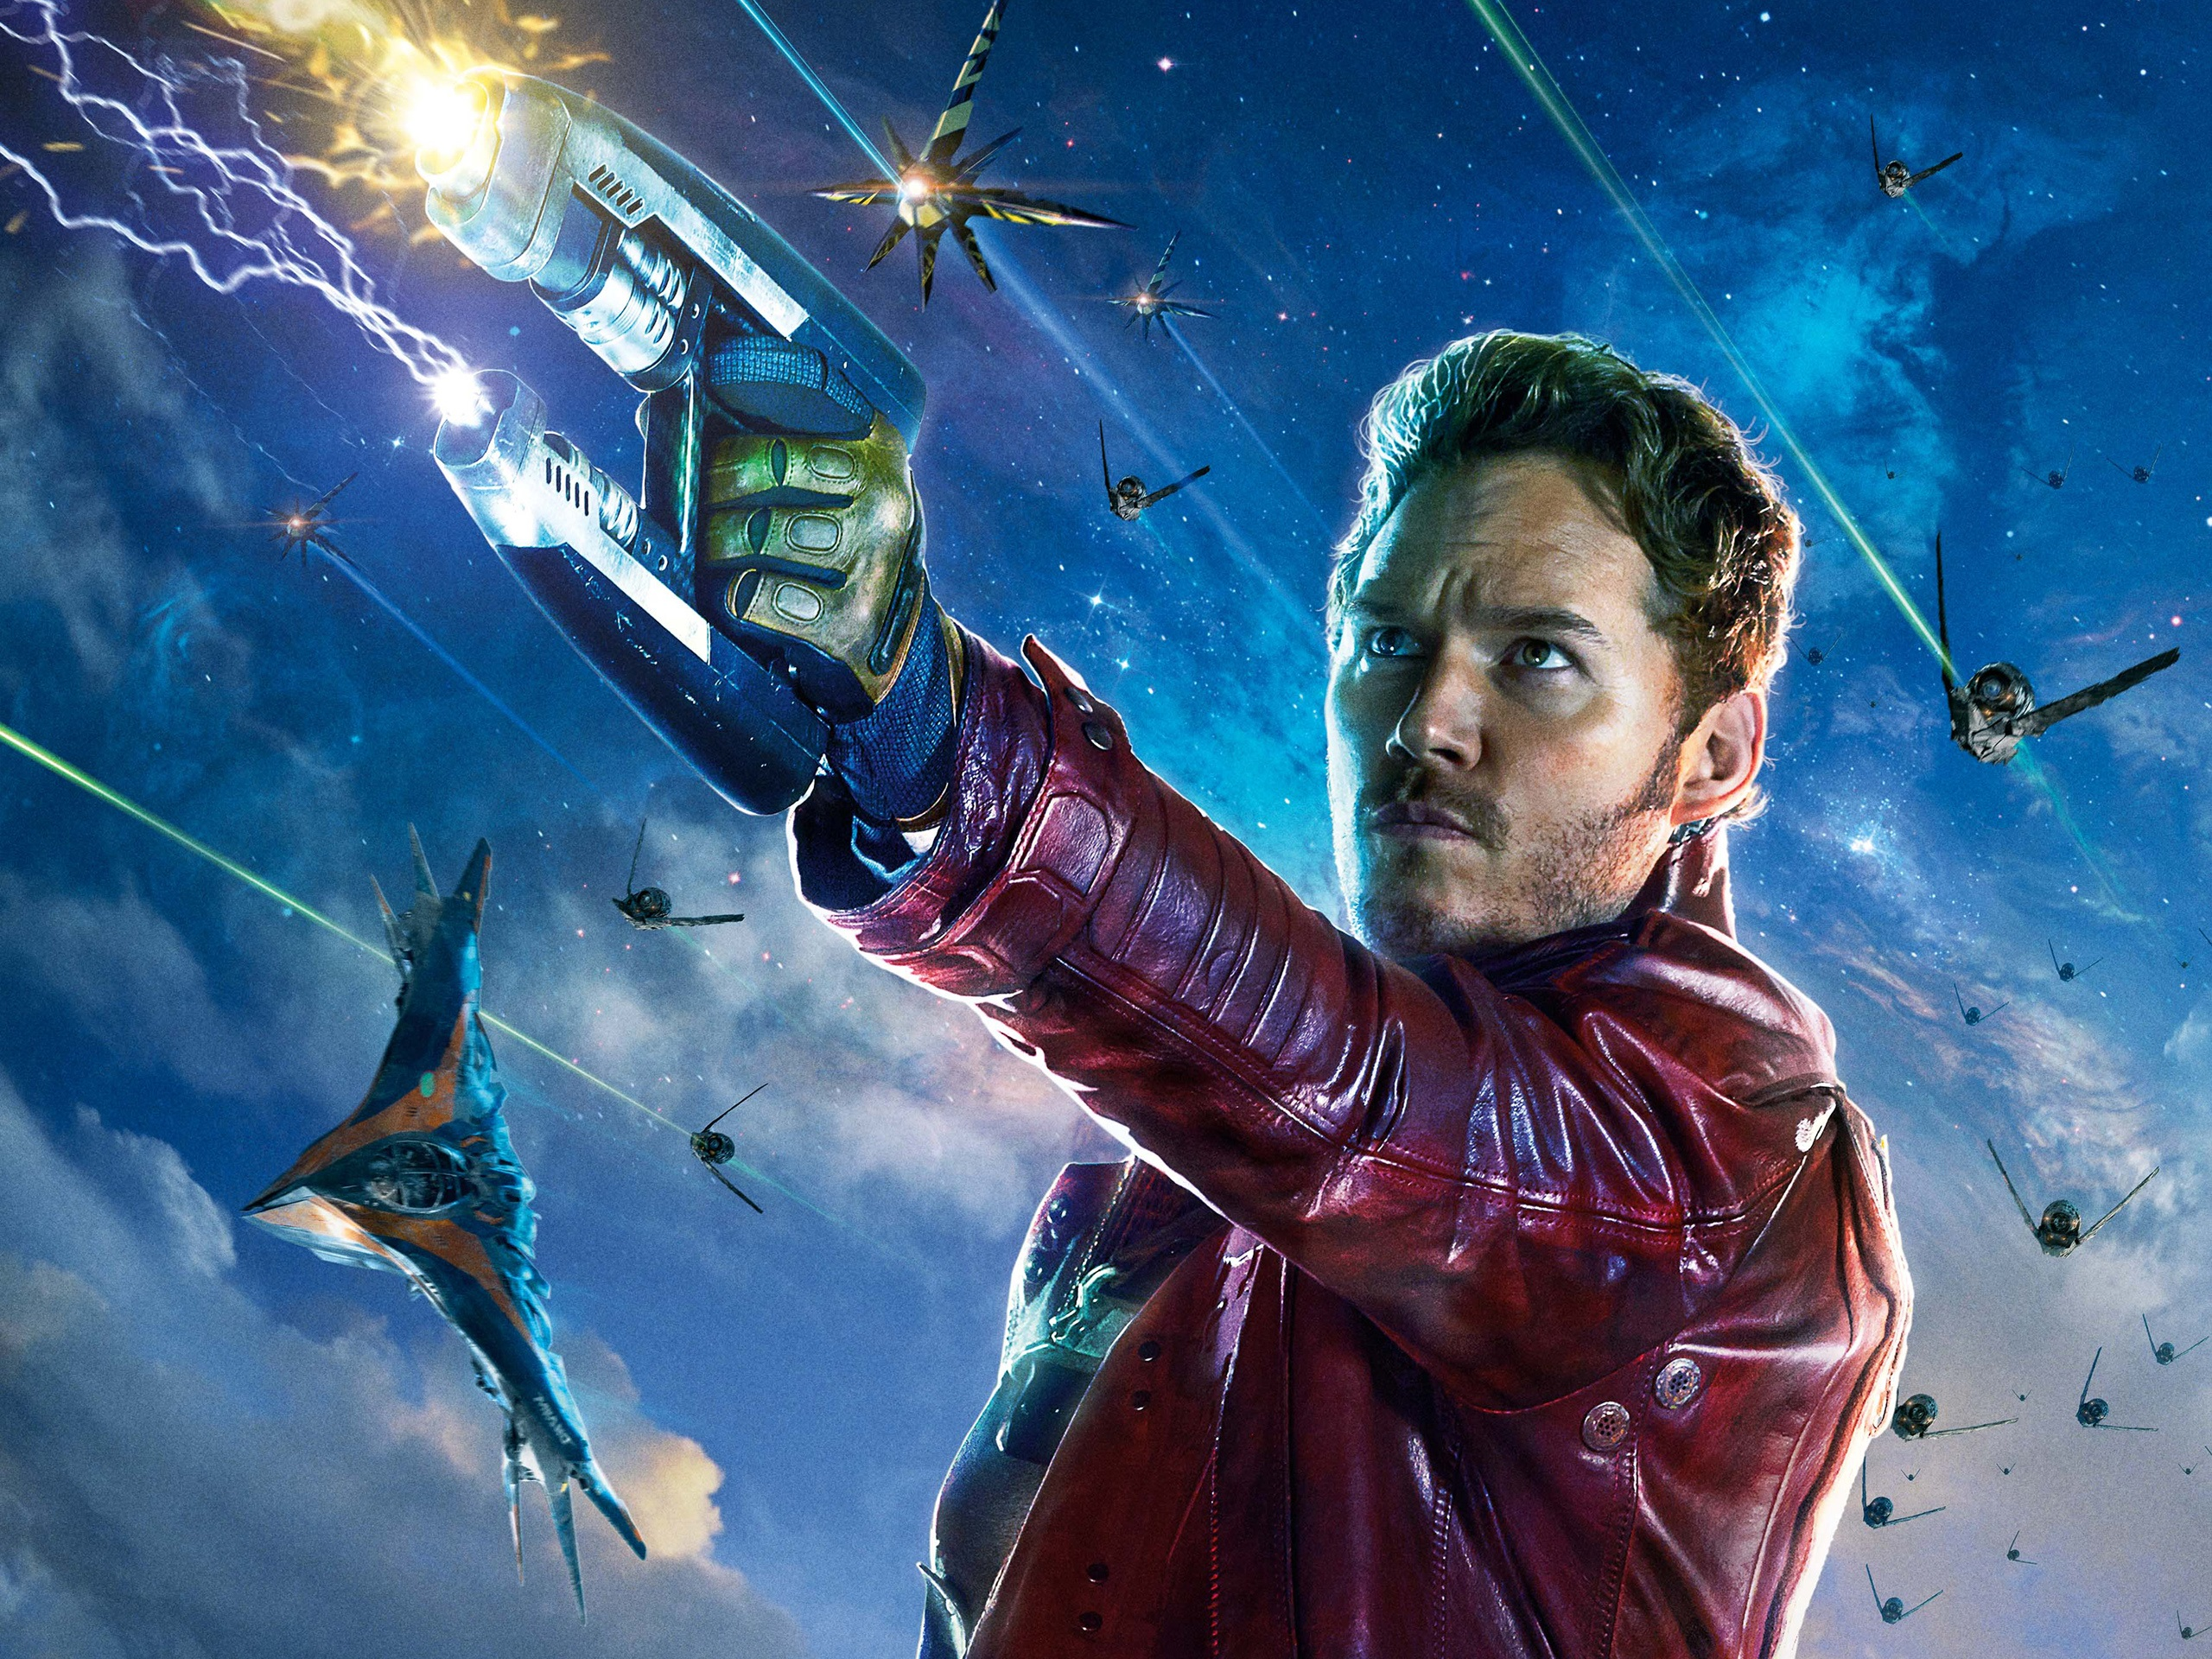 Fondos De Pantalla Chris Pratt Guardianes De La Galaxia